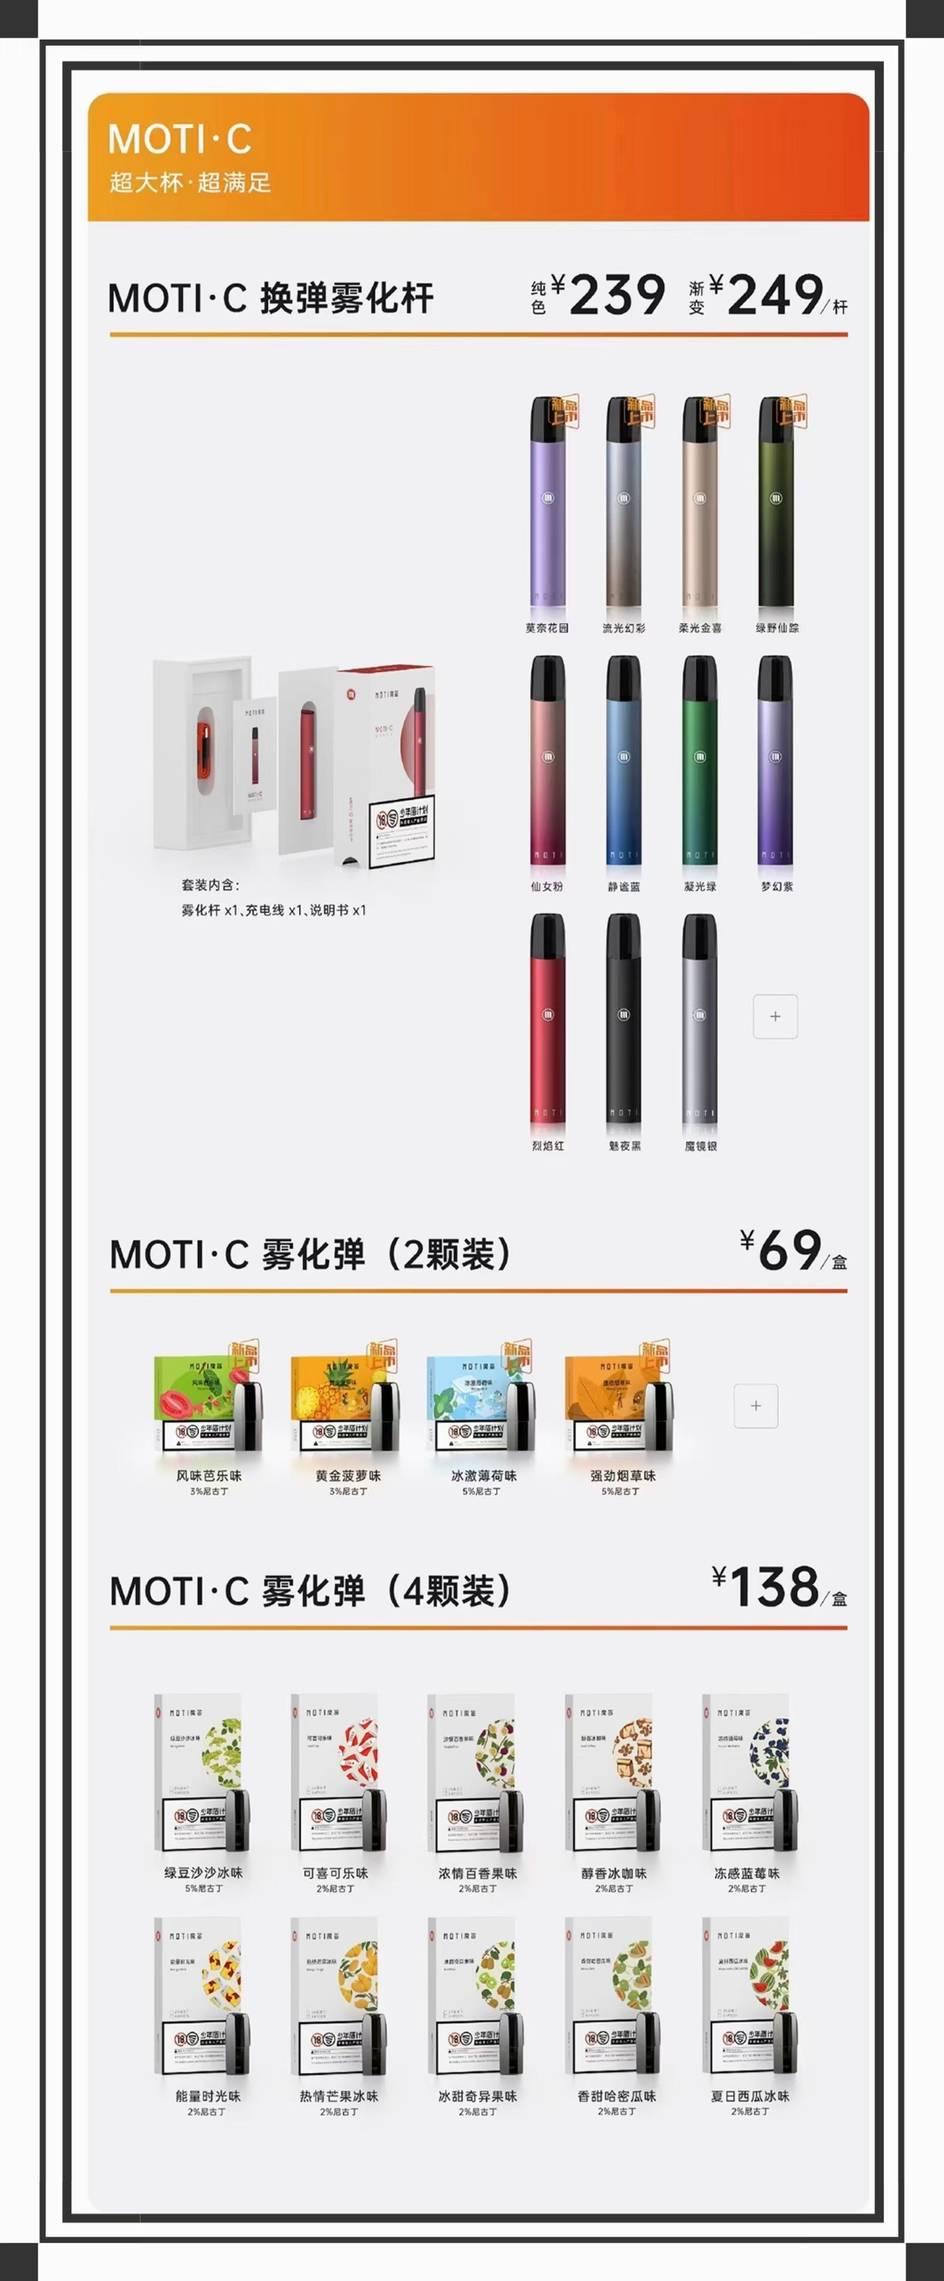 魔笛c电子烟官方价格_魔笛c设备介绍